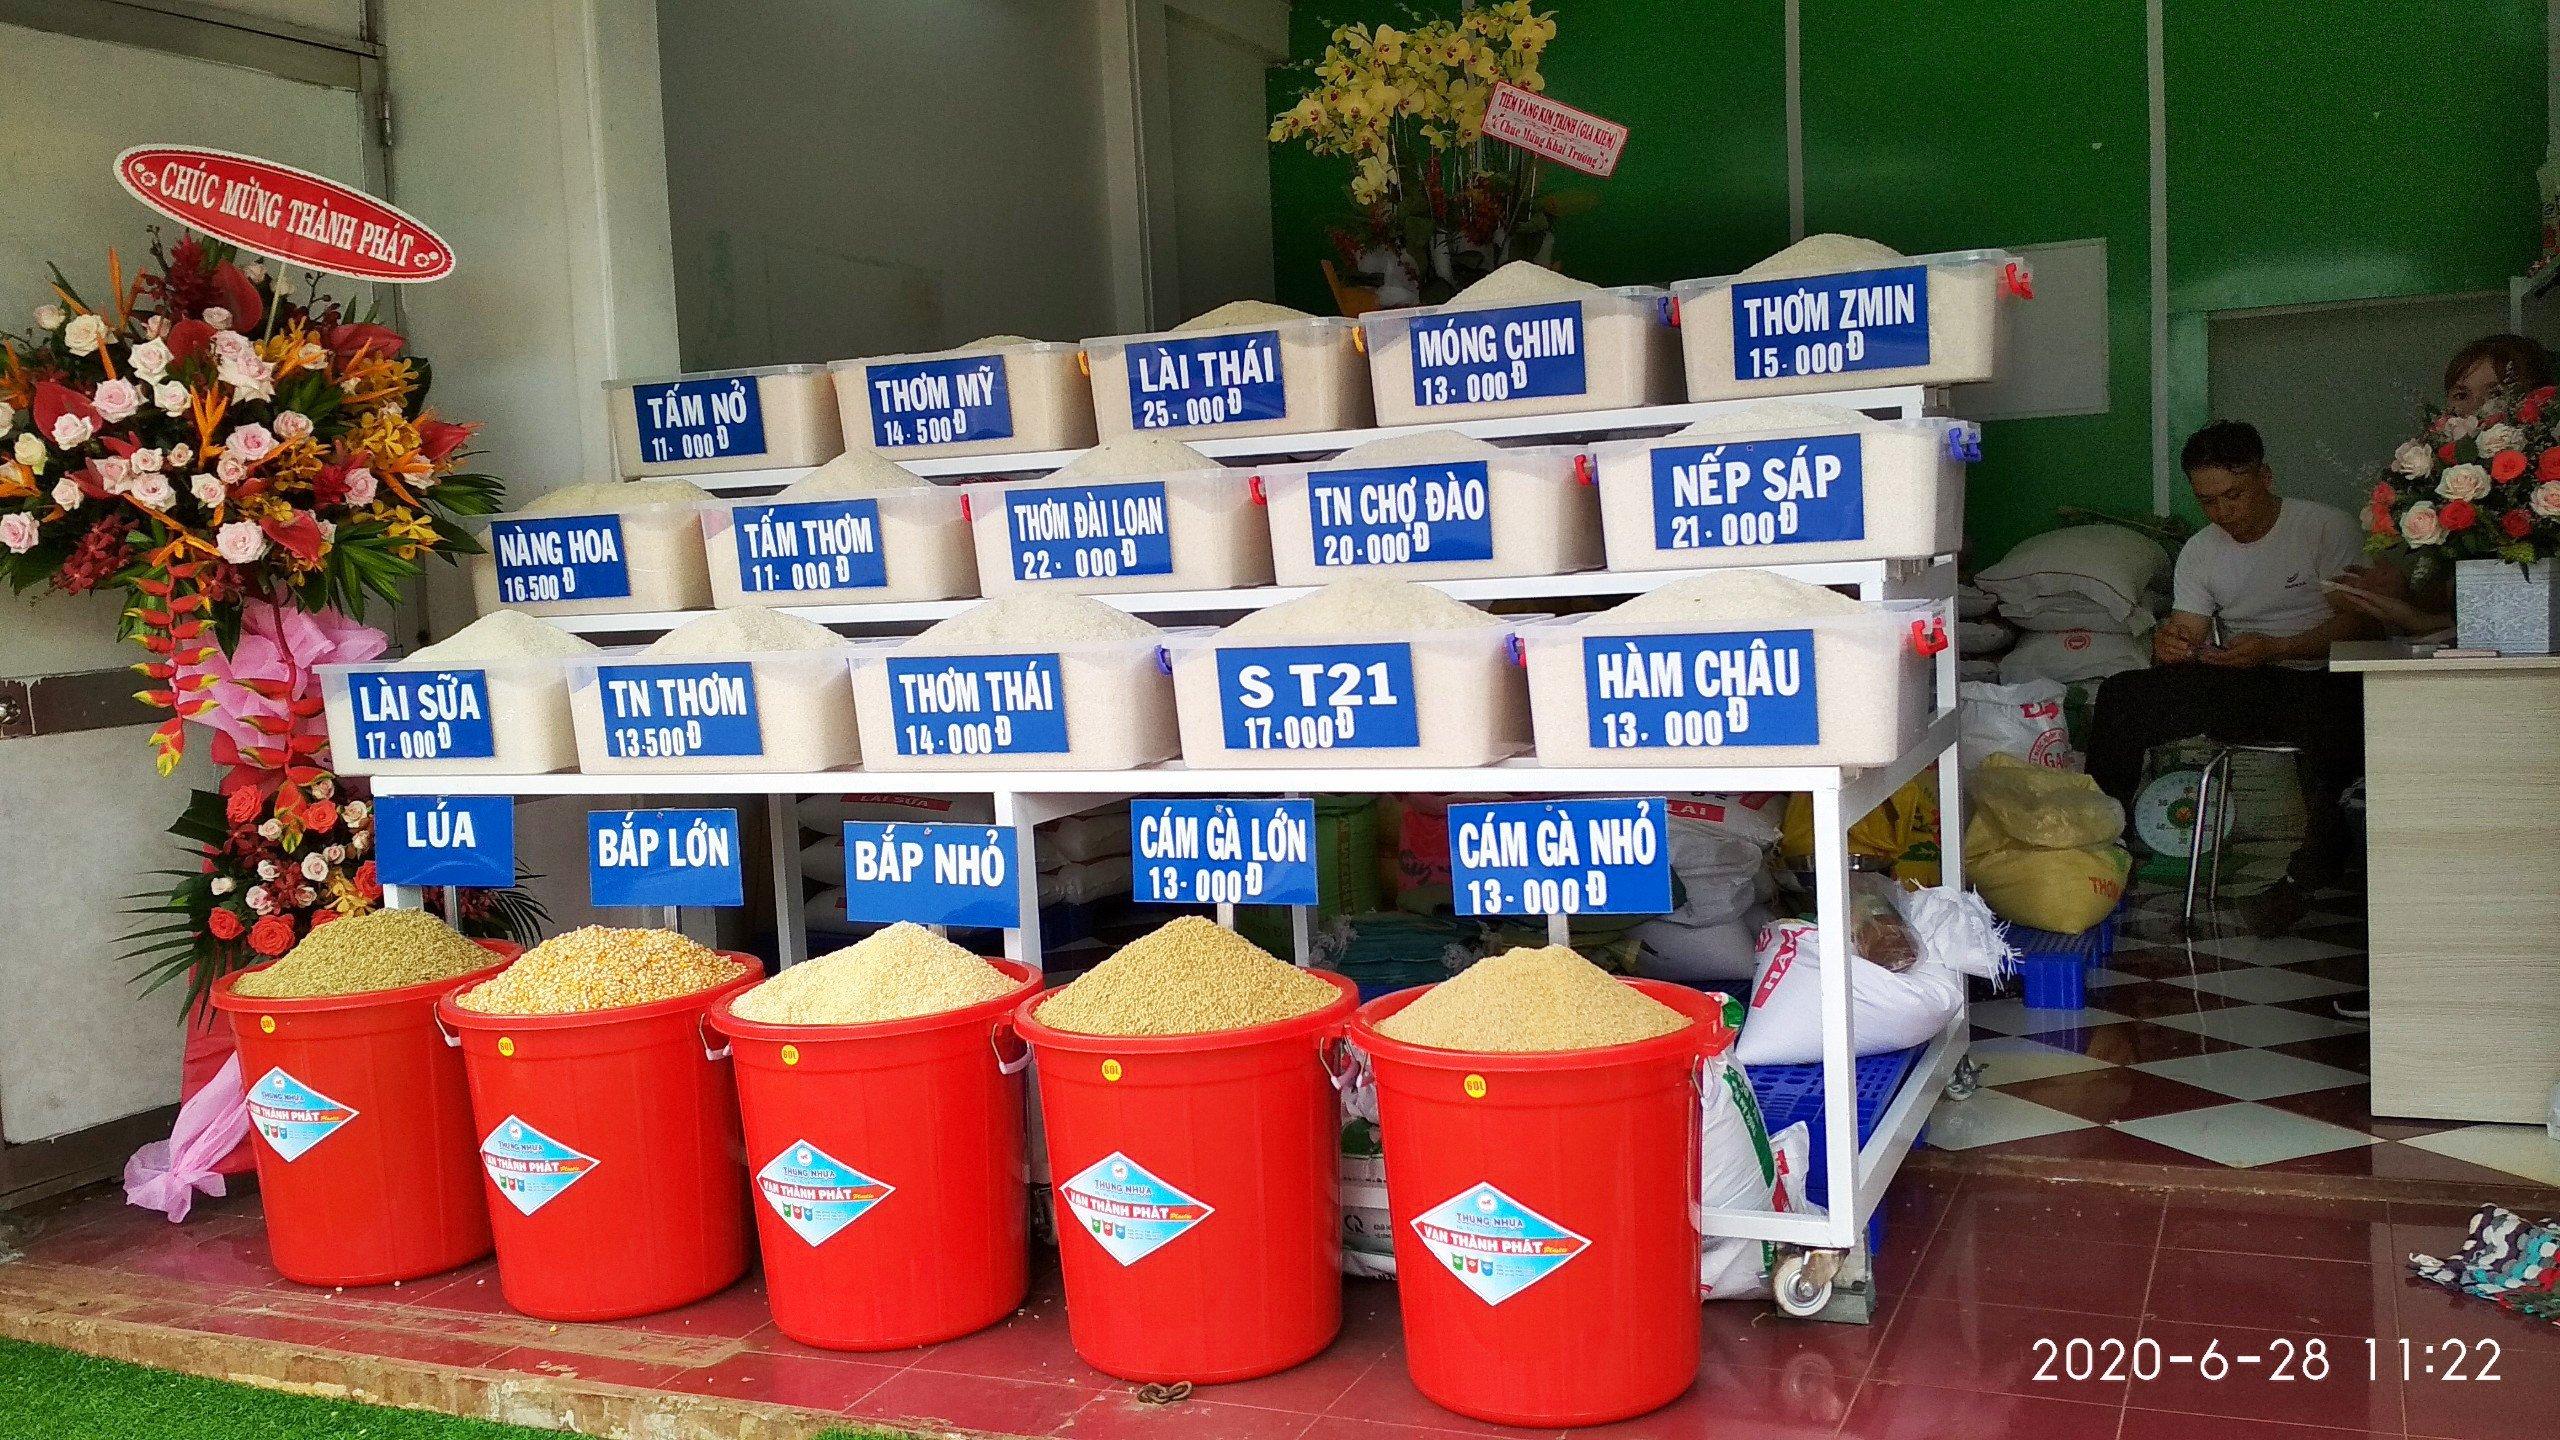 Các sản phẩm tại Đại lý gạo sạch Thành Phát khu vực Long Khánh Đồng Nai;